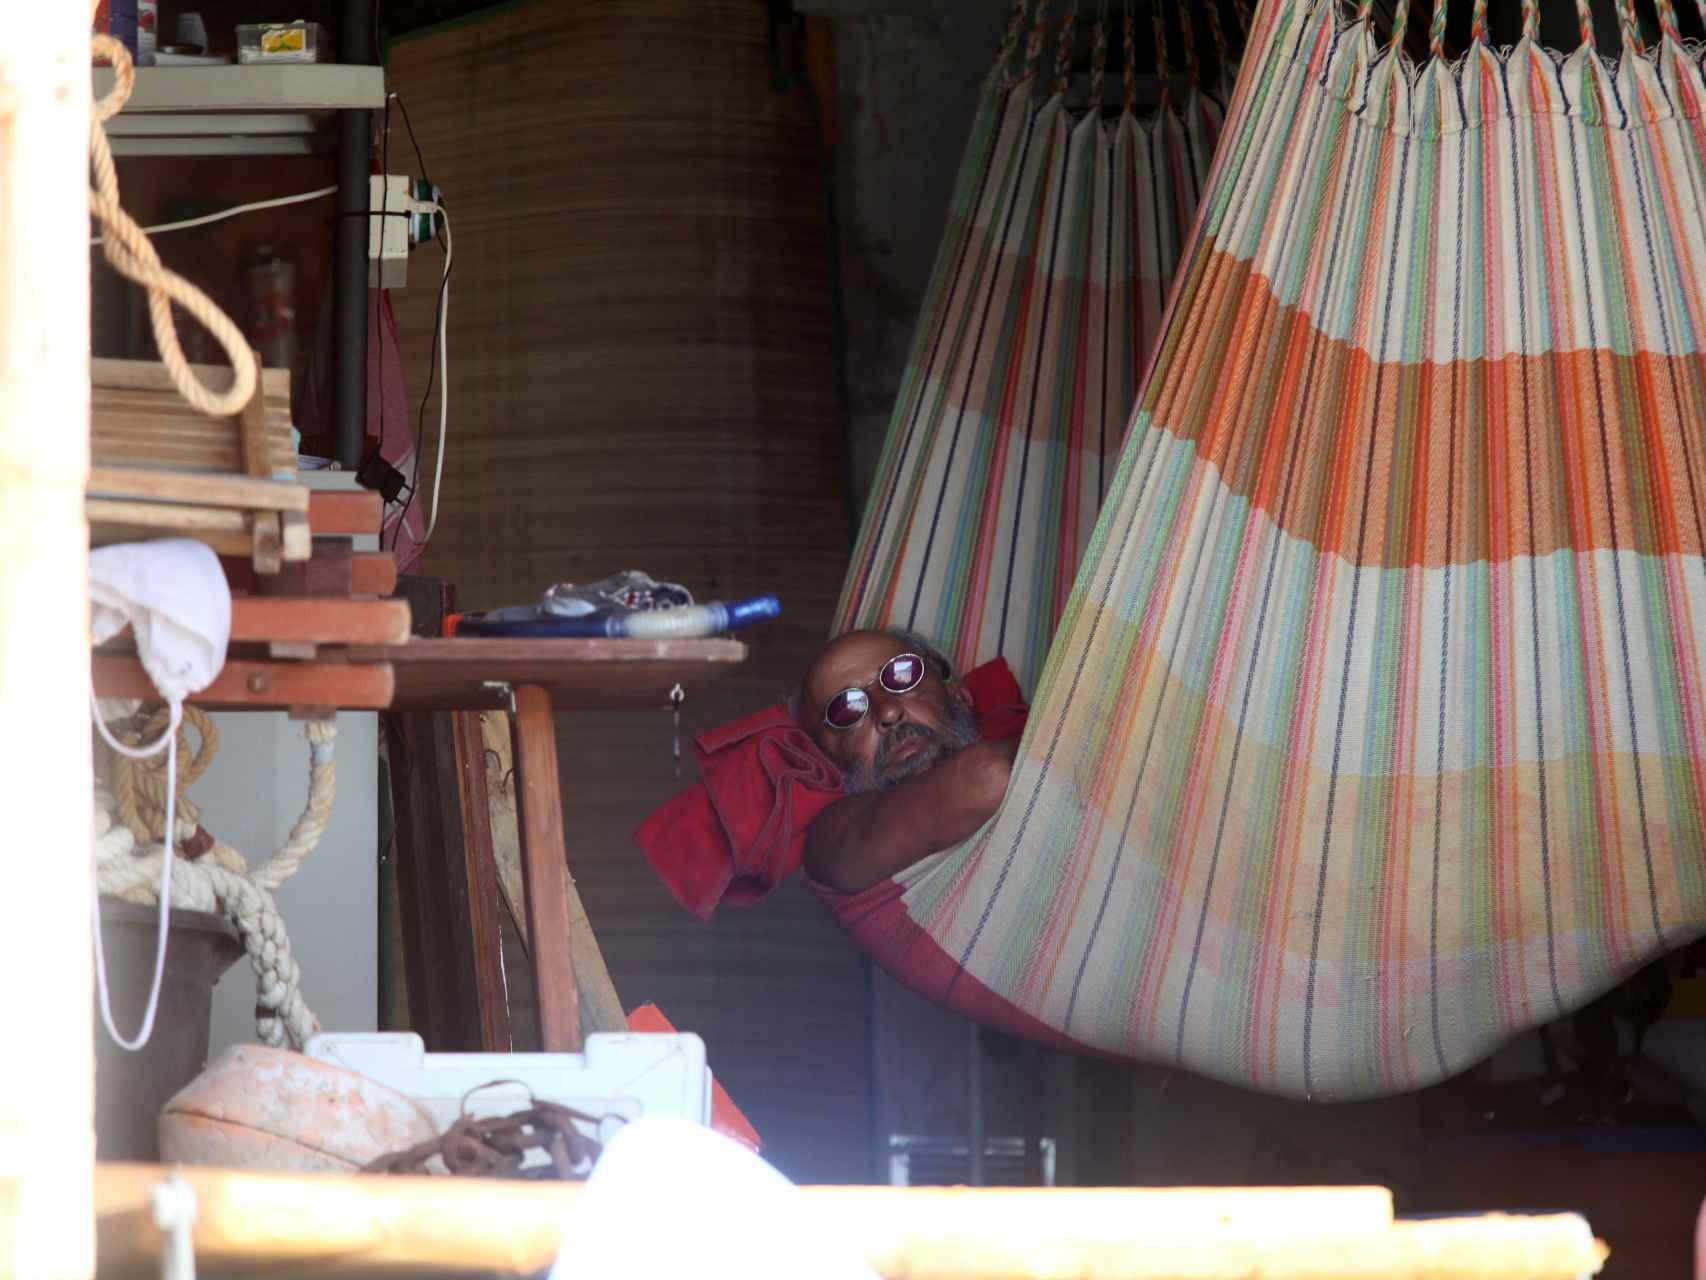 Miguel durmiendo en la hamaca de su cueva en una playa ibicenca.